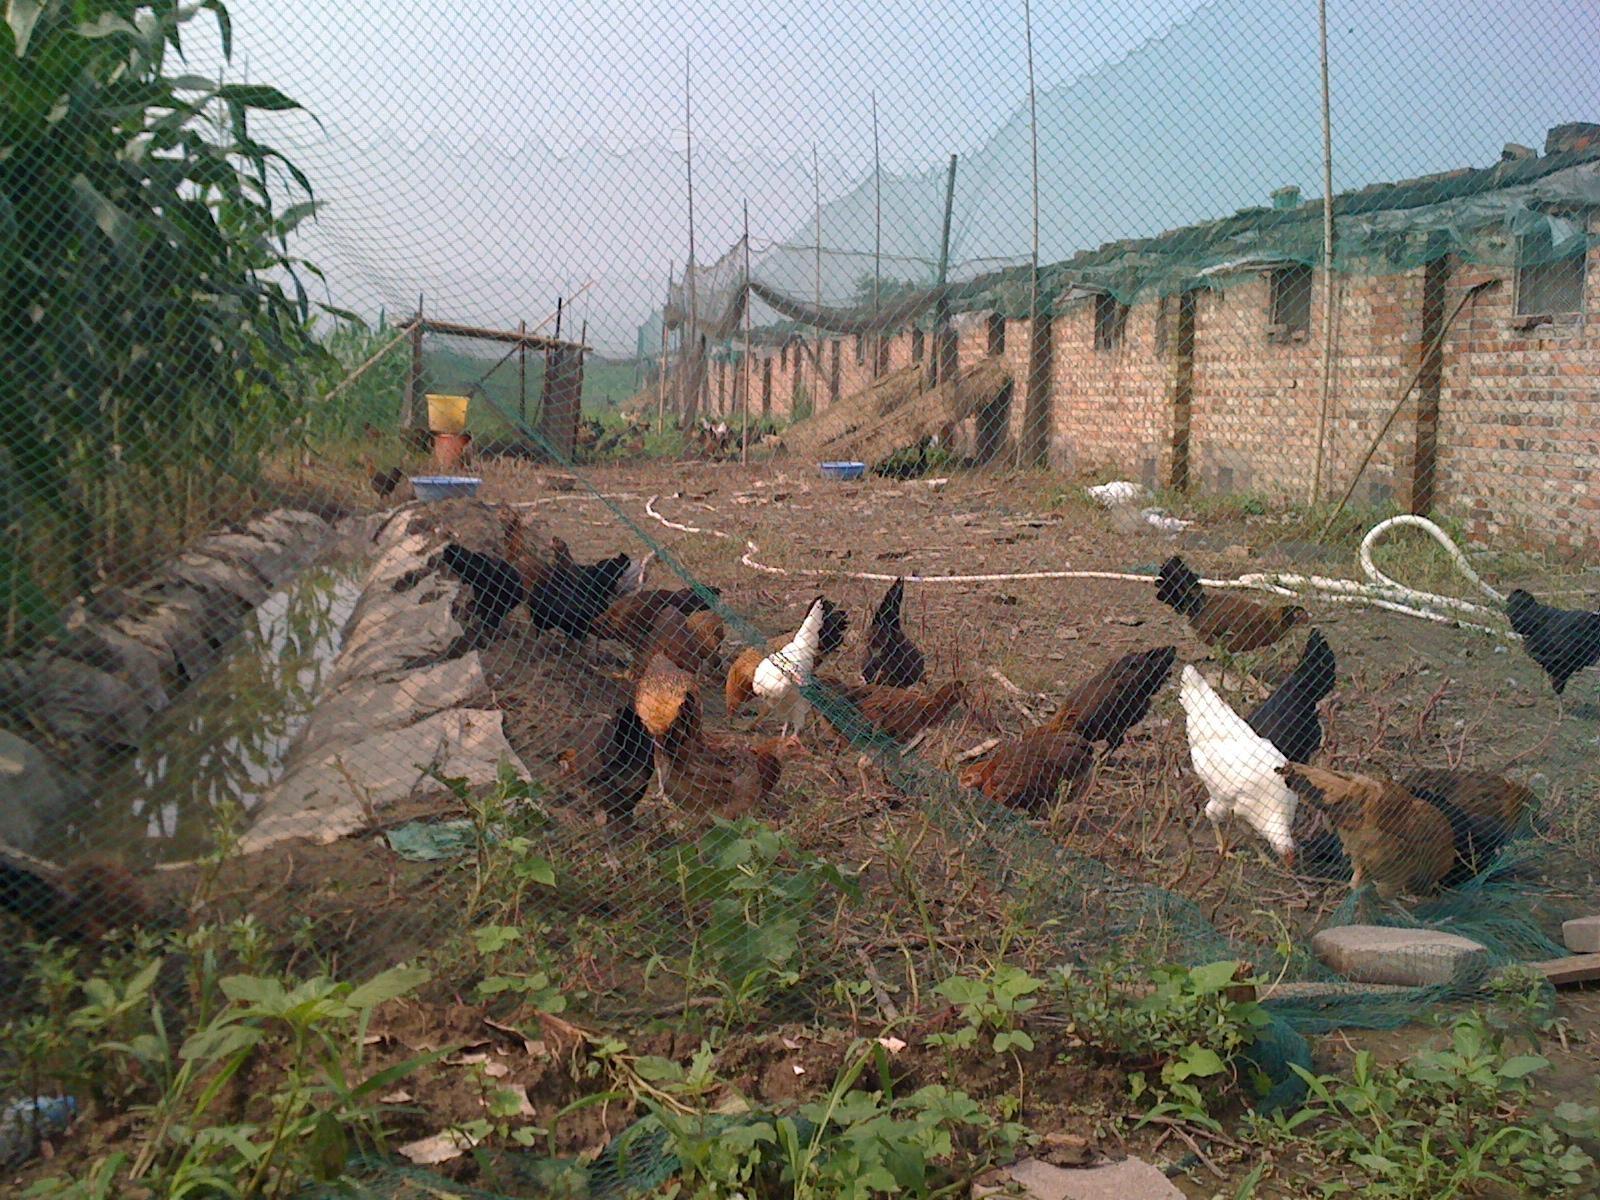 鸡场一角 高清图片